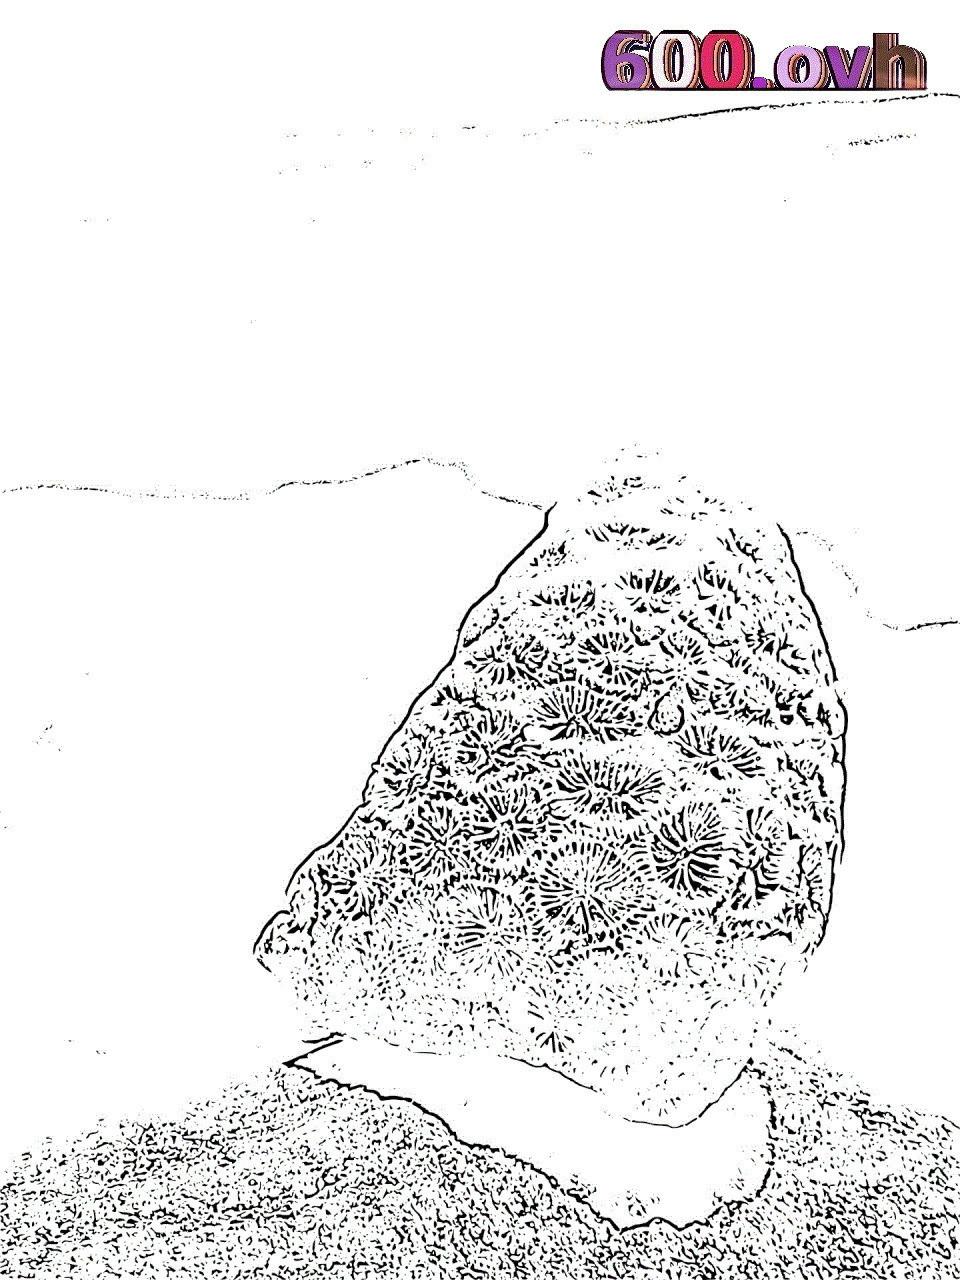 Kinder Schwimmen Ausmalbild Einzigartig 45 Frisch Korallen Malvorlagen Mickeycarrollmunchkin Schön Stock